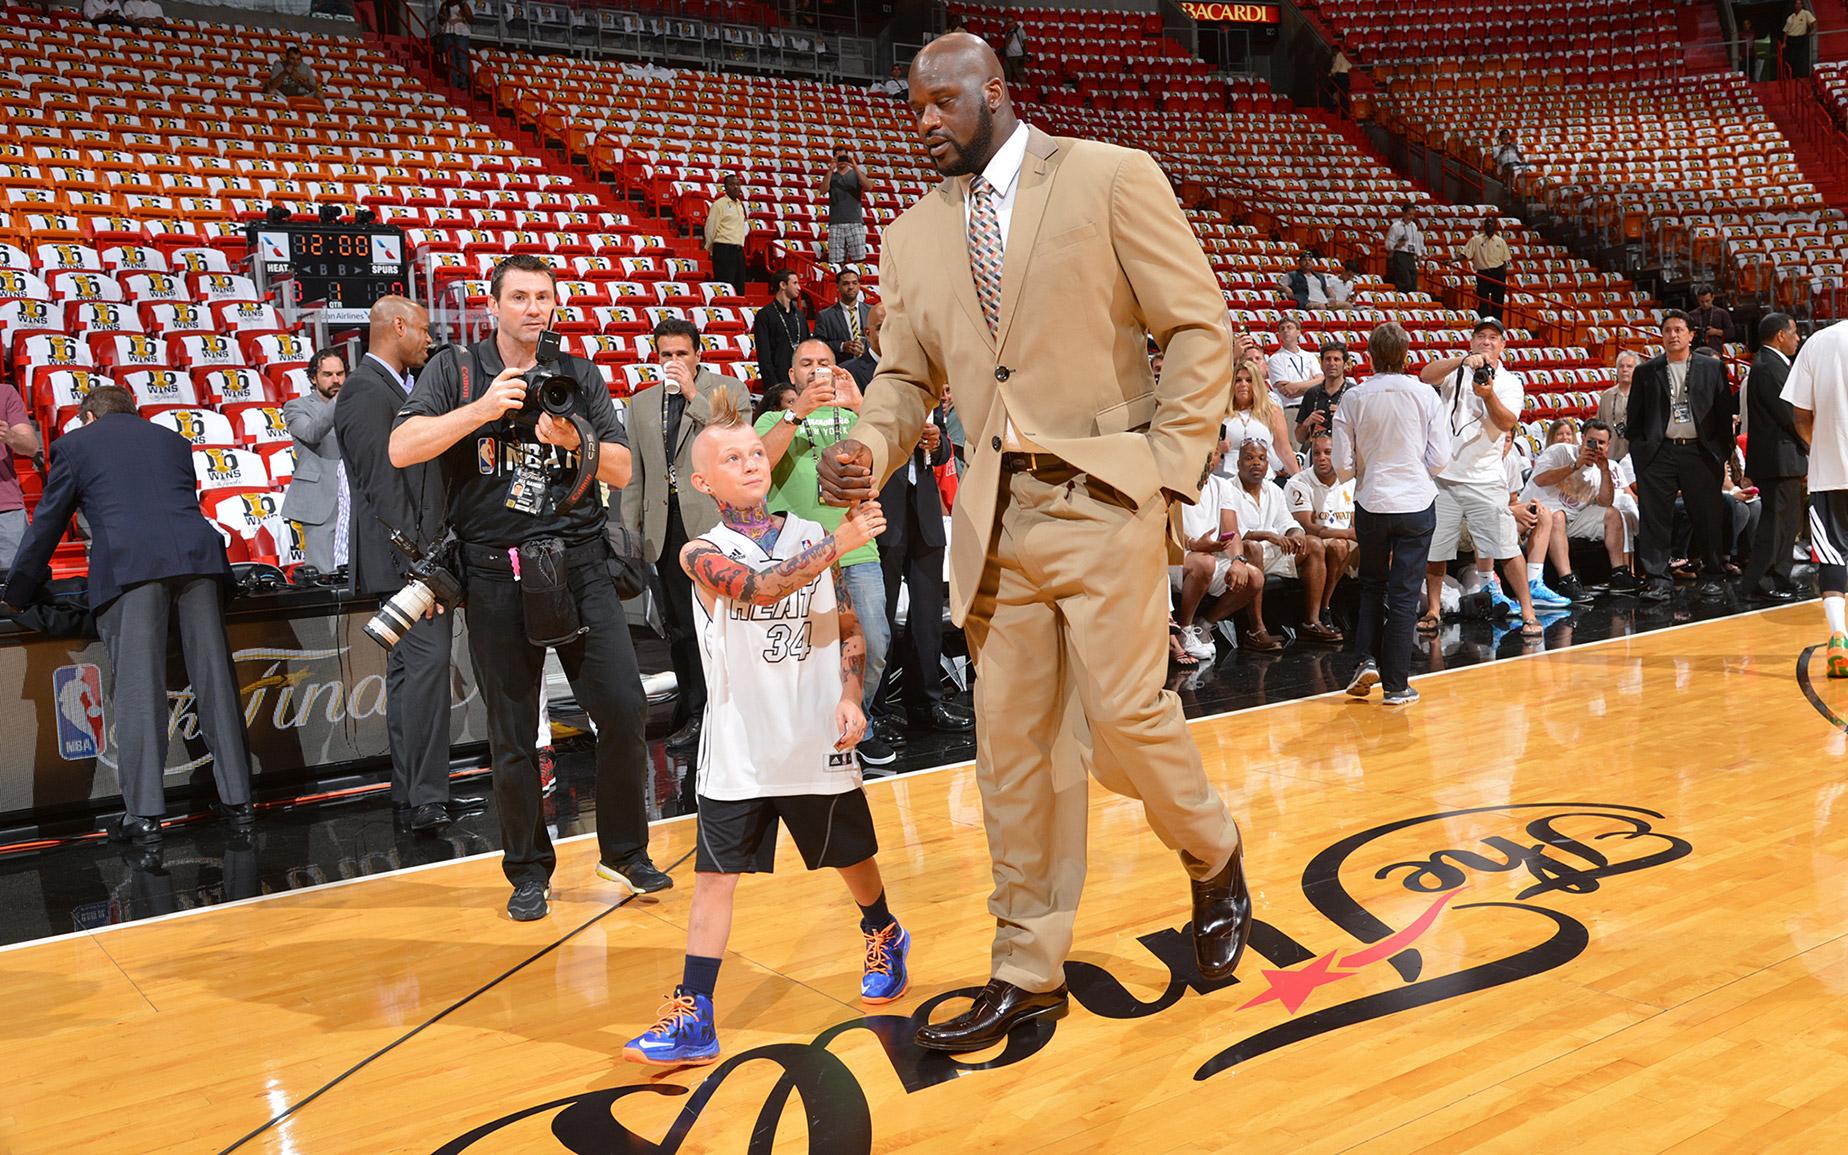 Young Birdman - 2013 NBA Finals - ESPN